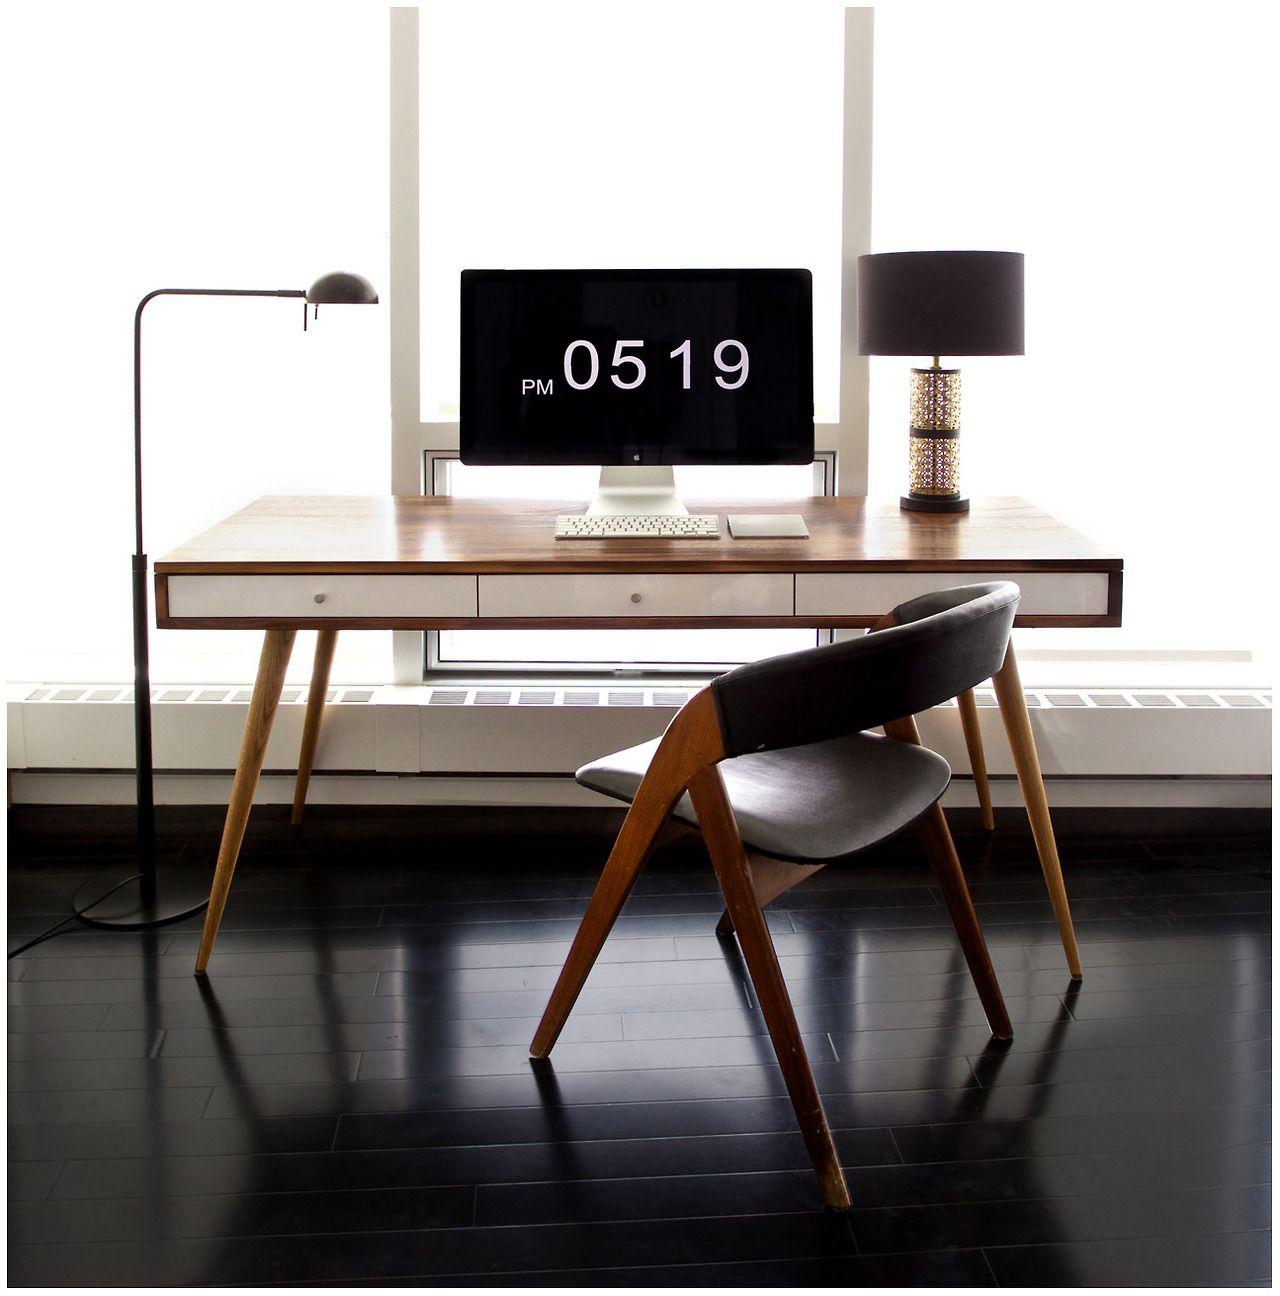 Willkommen zu hause design bilder quiero  office  pinterest  schreibtische design schreibtisch